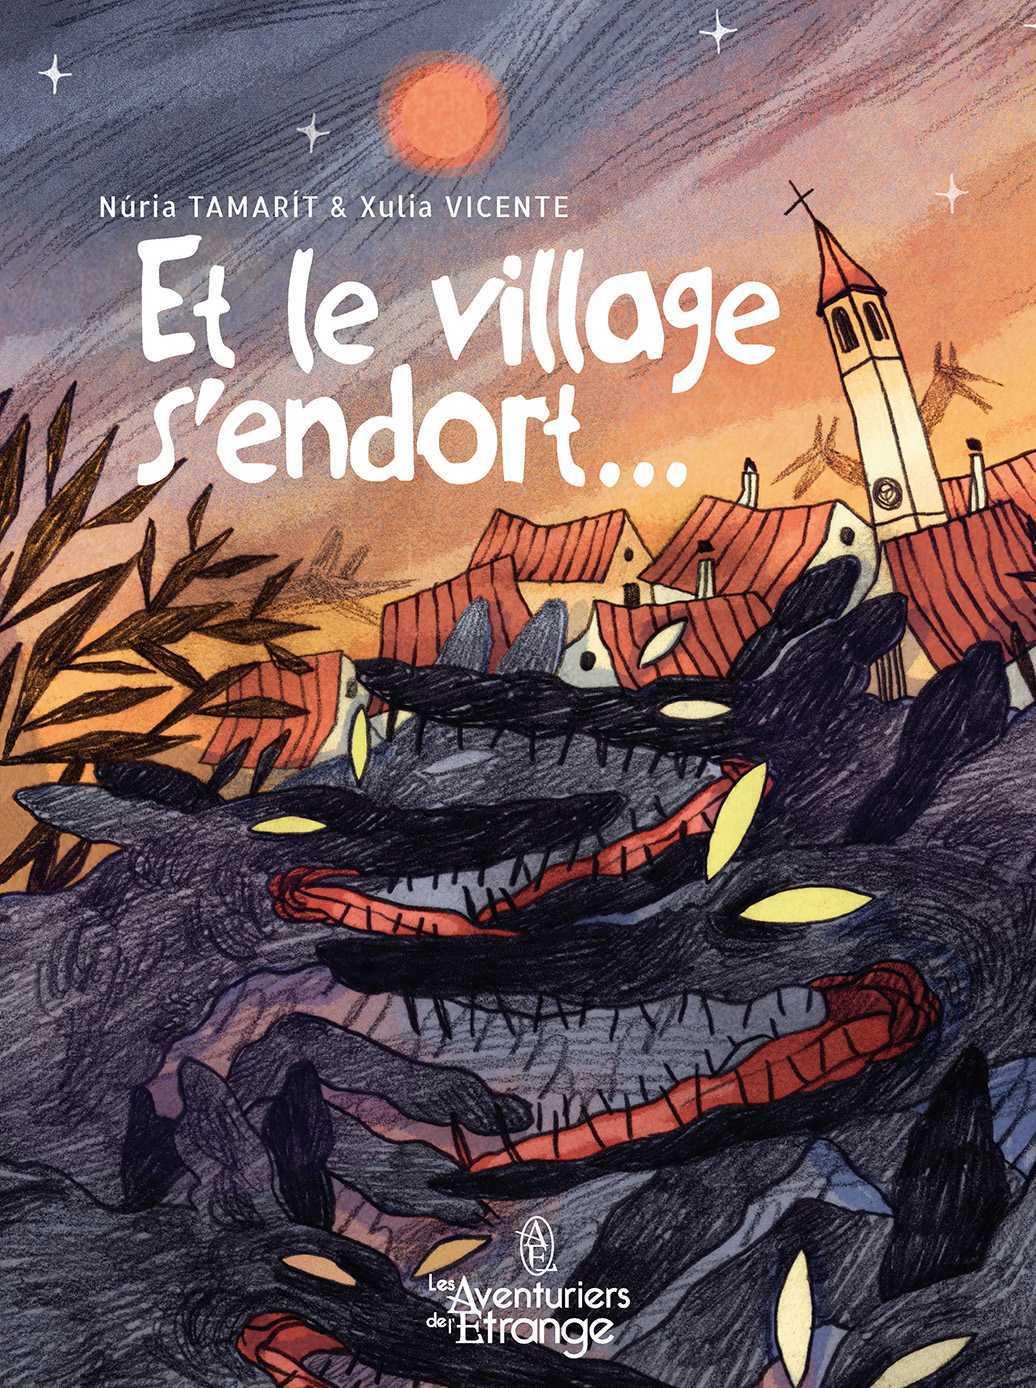 Et le village s'endort, au bord de l'enfer